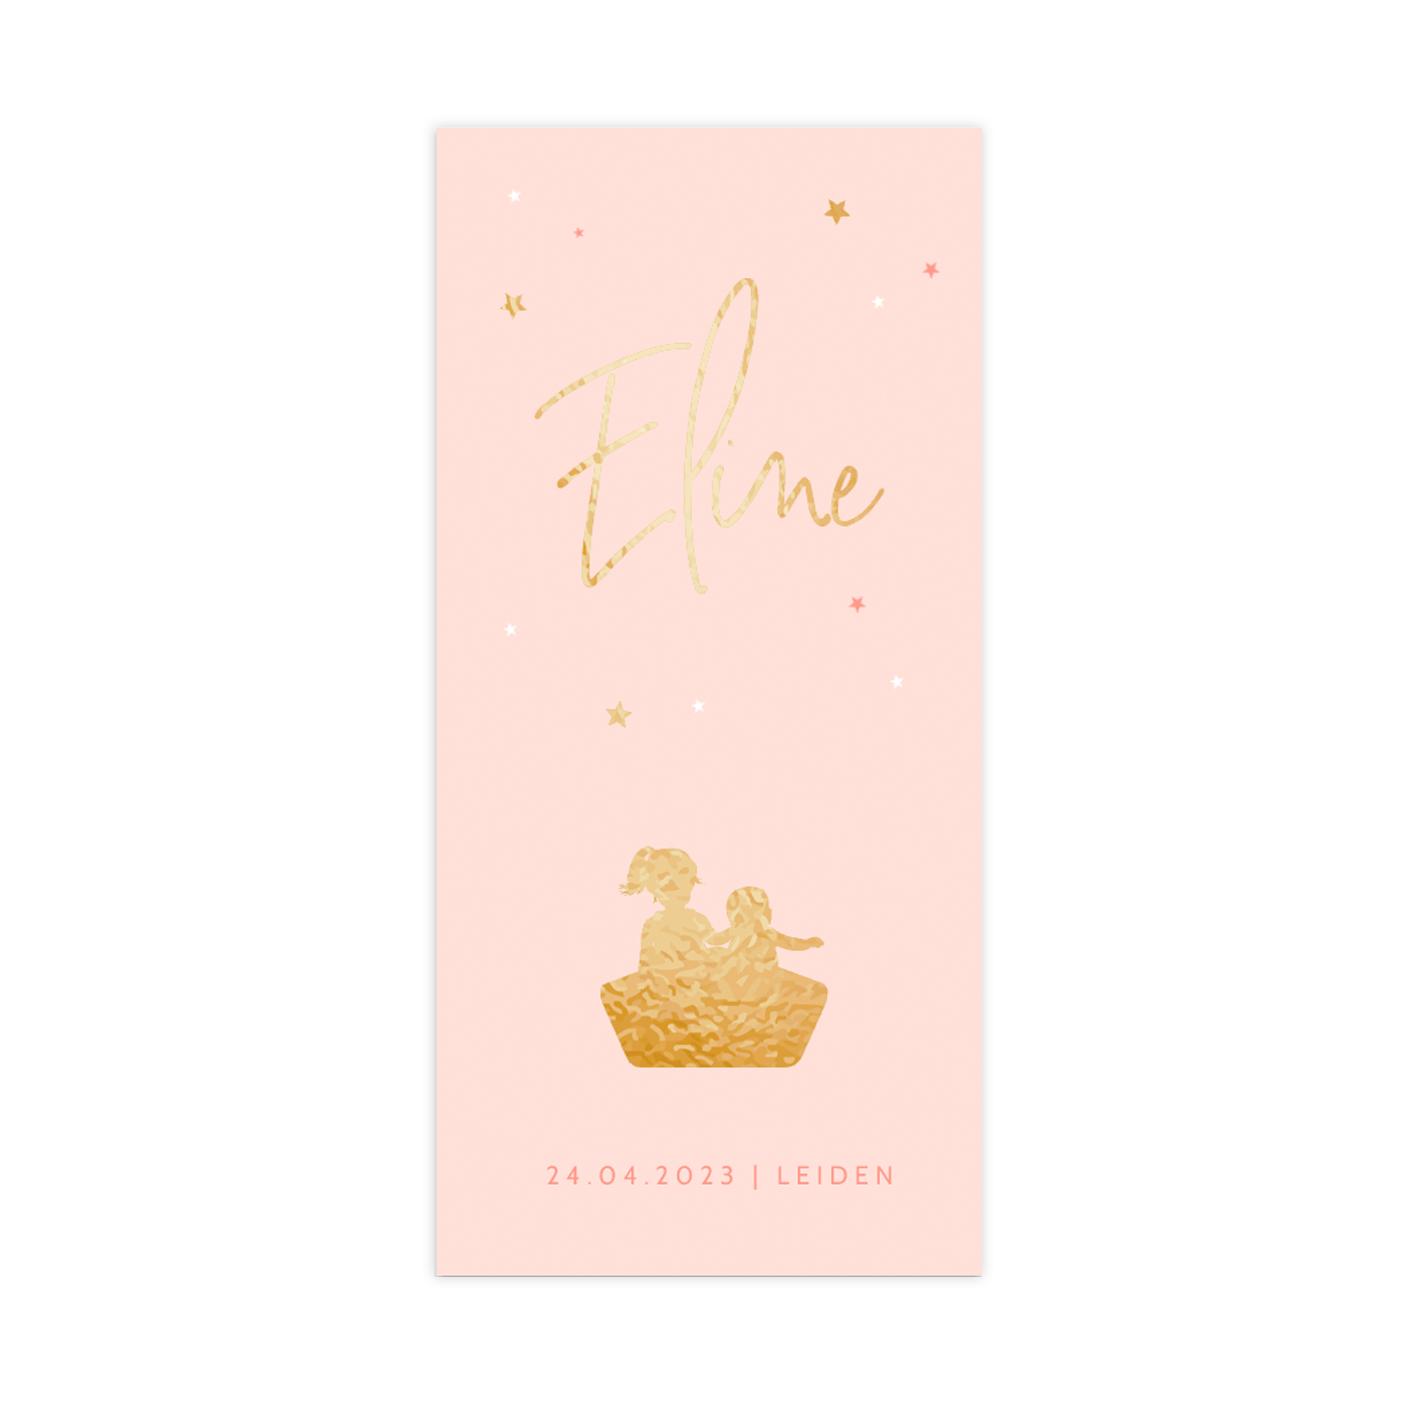 Hip goudfolie geboortekaartje voor een meisje met zusjes in een bootje